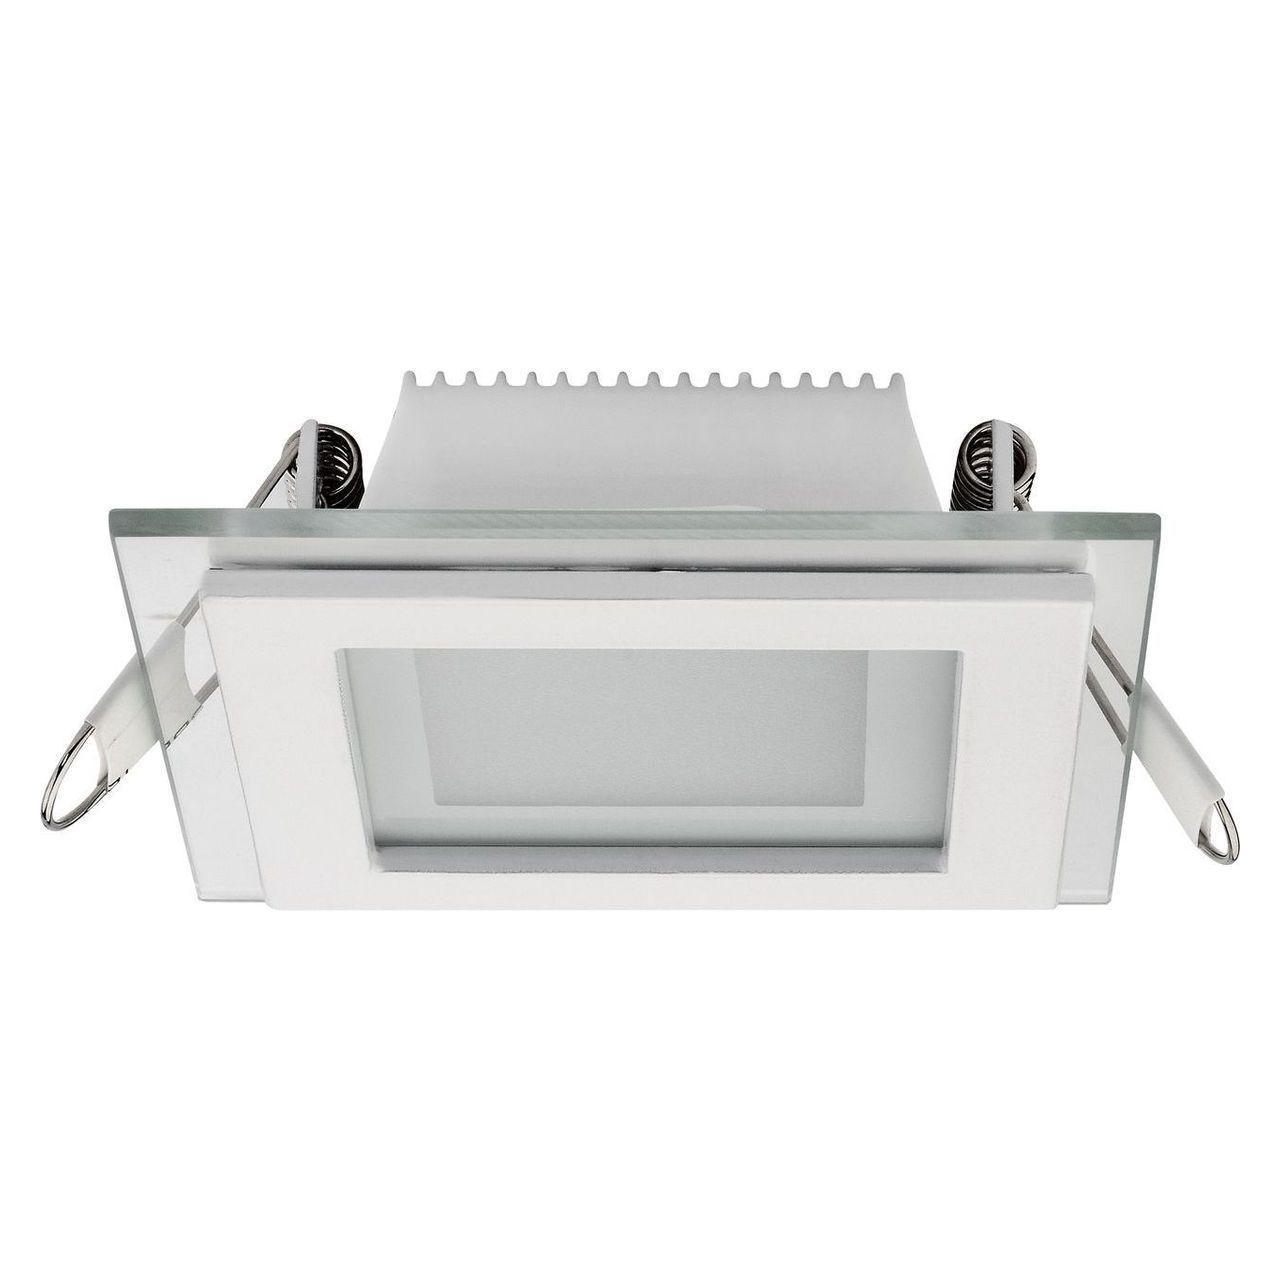 Встраиваемый светодиодный светильник Horoz 6W 3000K белый 016-015-0006 (HL684LG)